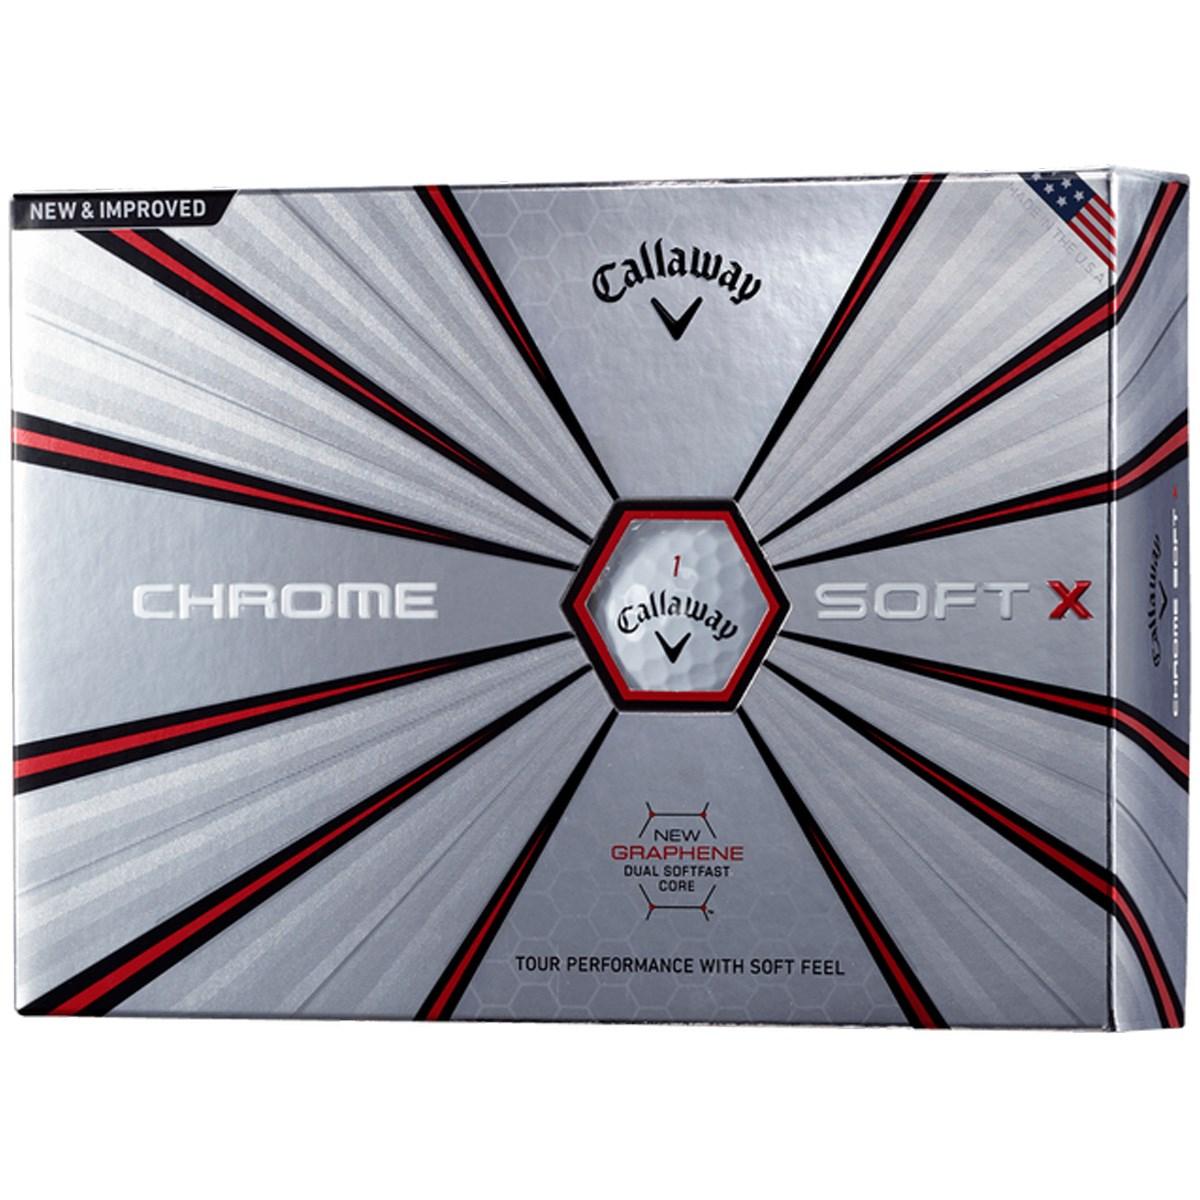 キャロウェイゴルフ(Callaway Golf) CHROME SOFT X ボール